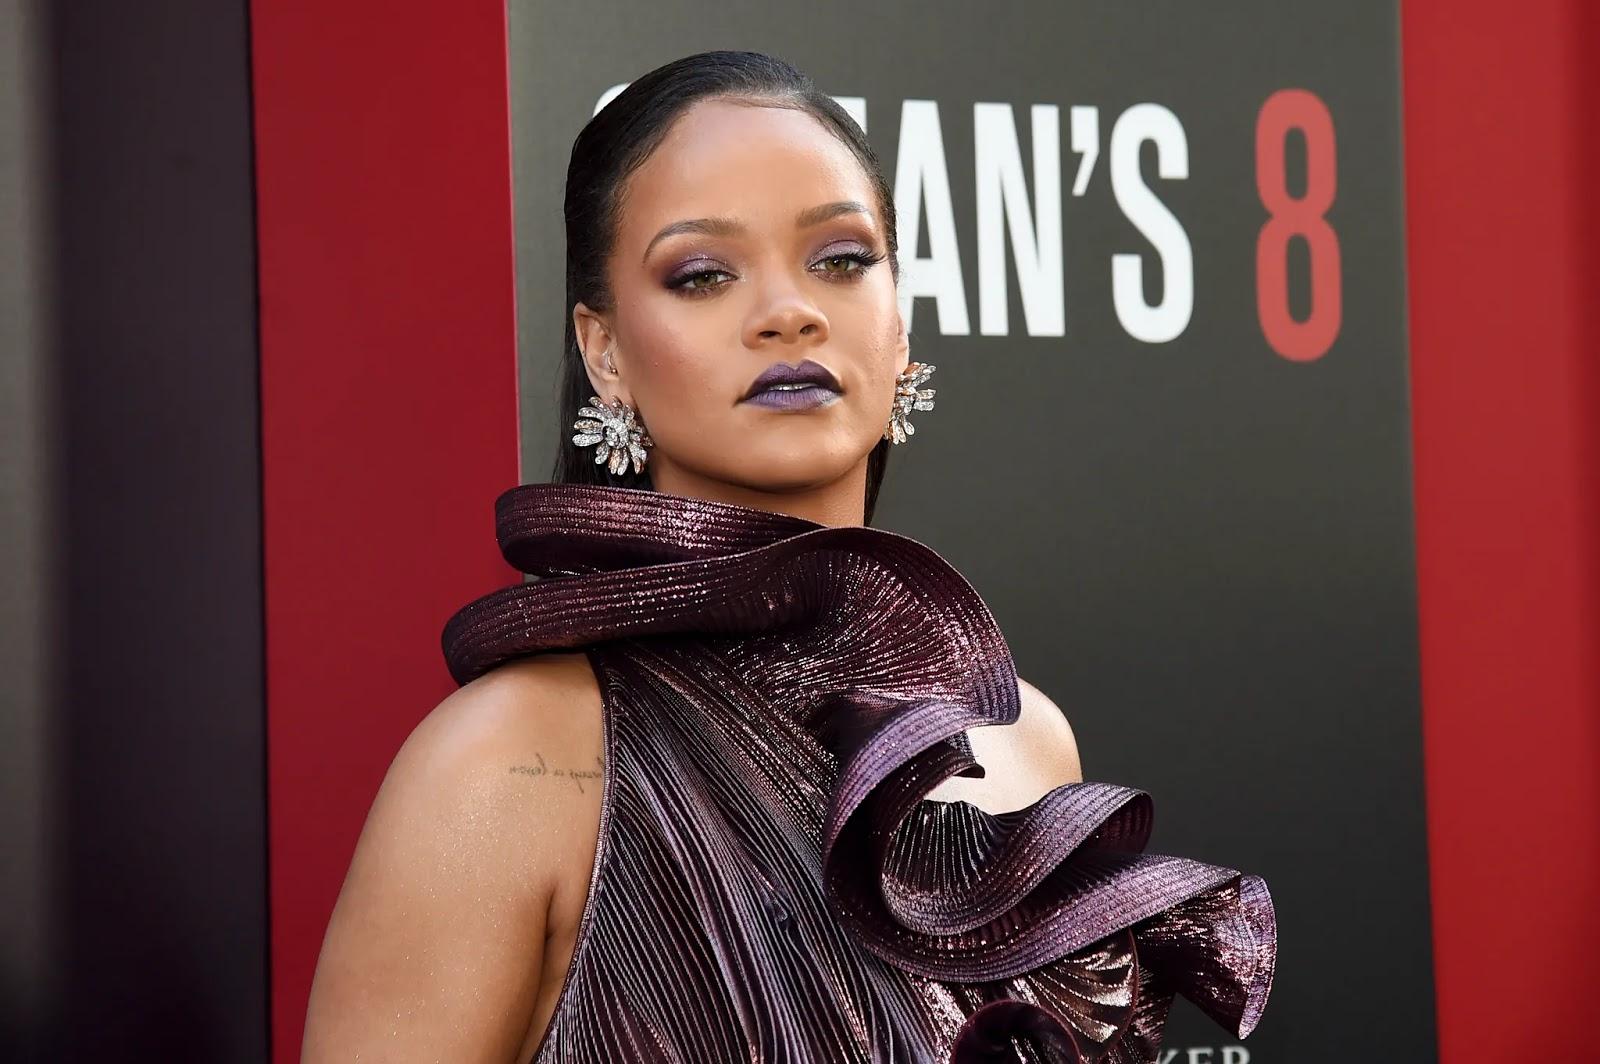 Πώς η Rihanna φτιάχνει τα φρύδια της με… σαπούνι! - Φωτογραφία 1